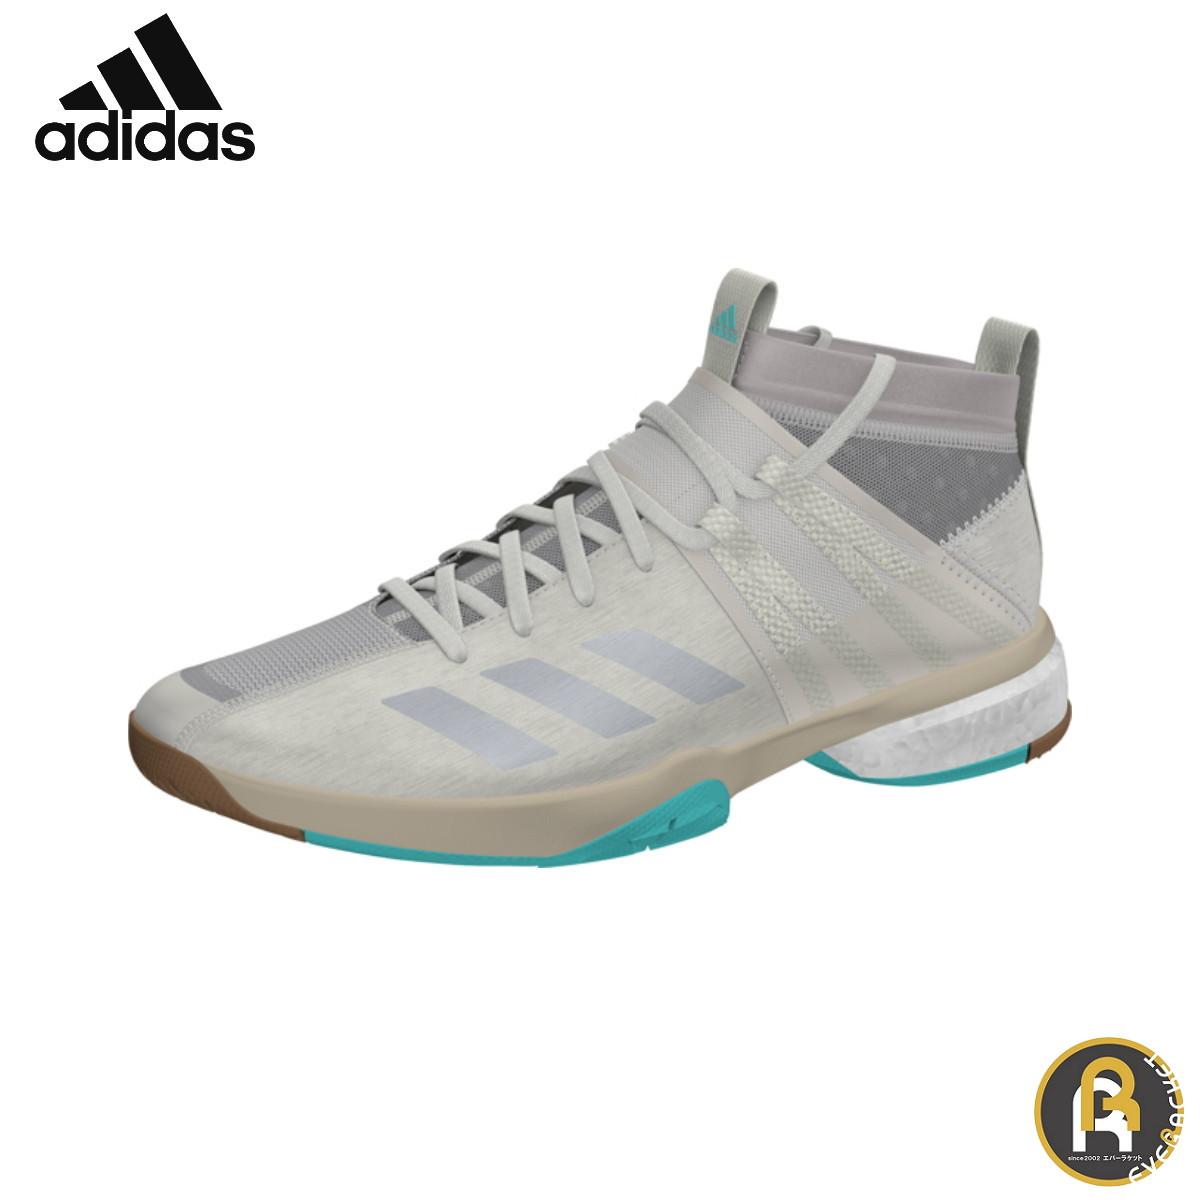 【アディダスクリアランス】 adidas バドミントン バドミントンシューズ ヴフトP8.1 ブーストシューズ ブラウン DA8867